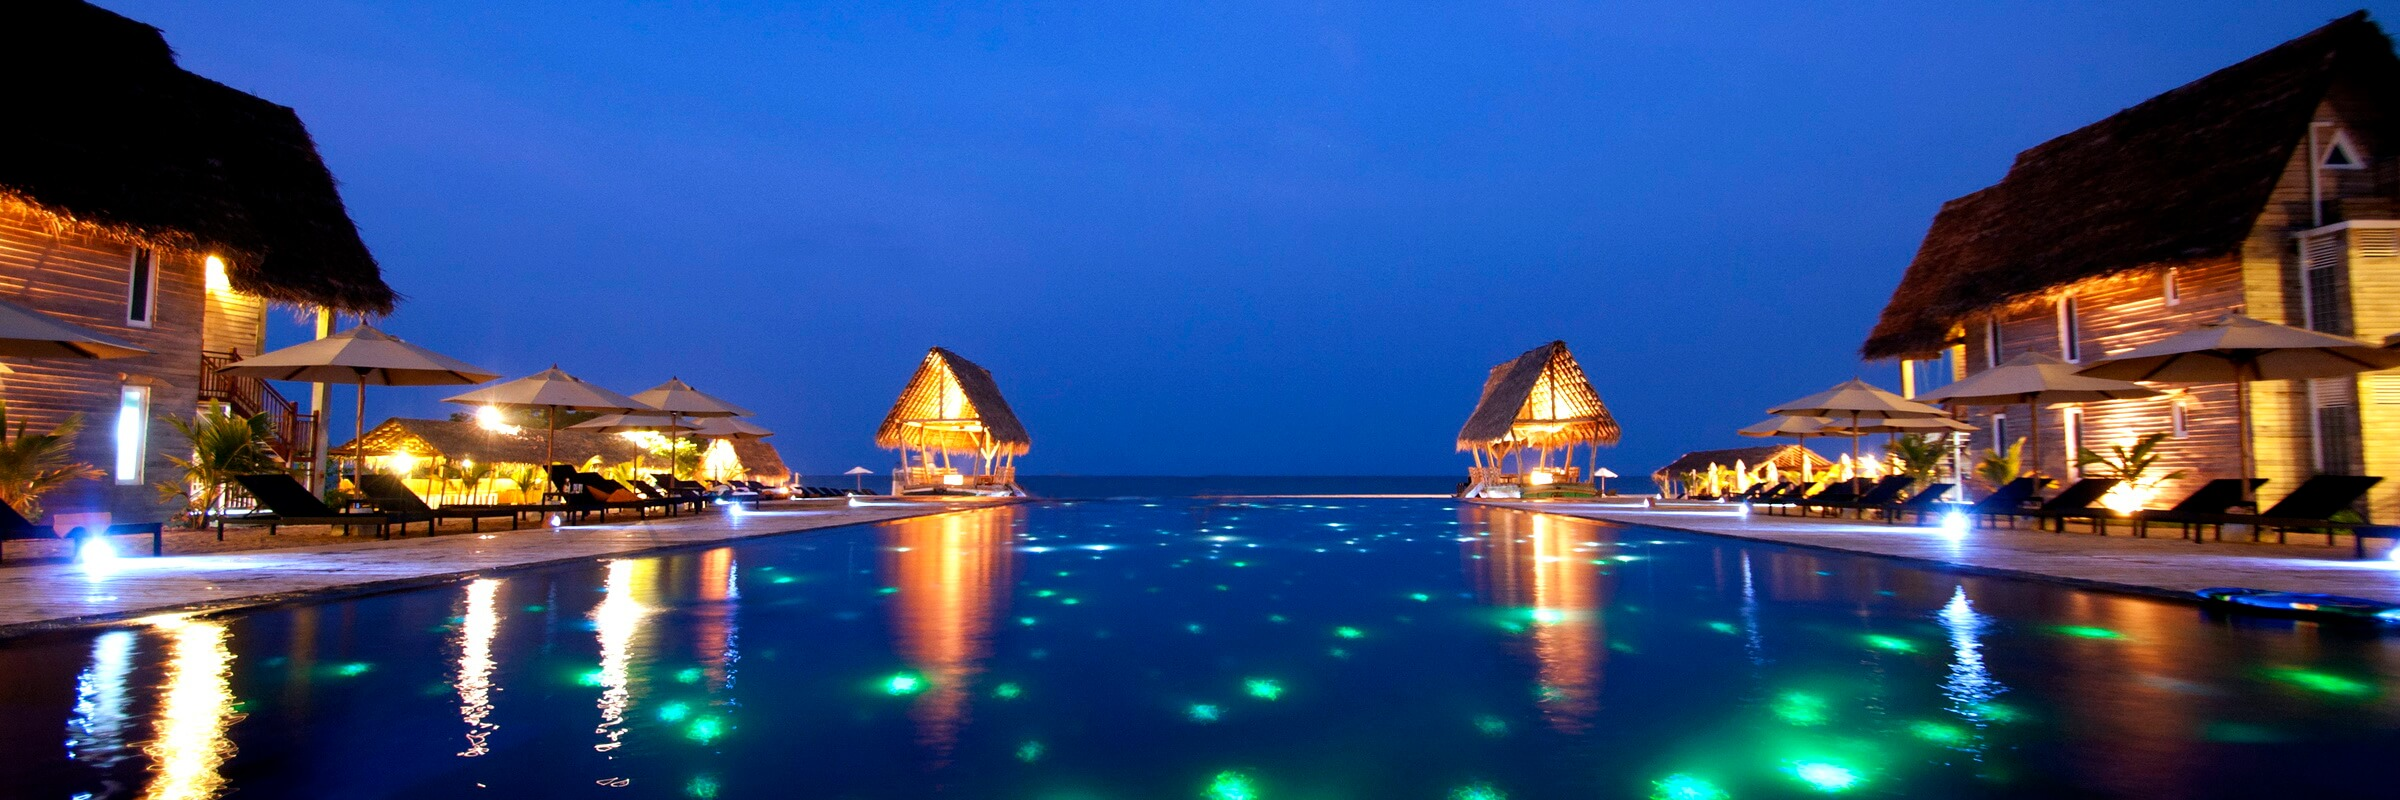 Der einladende Pool des Maalu Maalu Resort & Spa mit traumhafter Aussicht